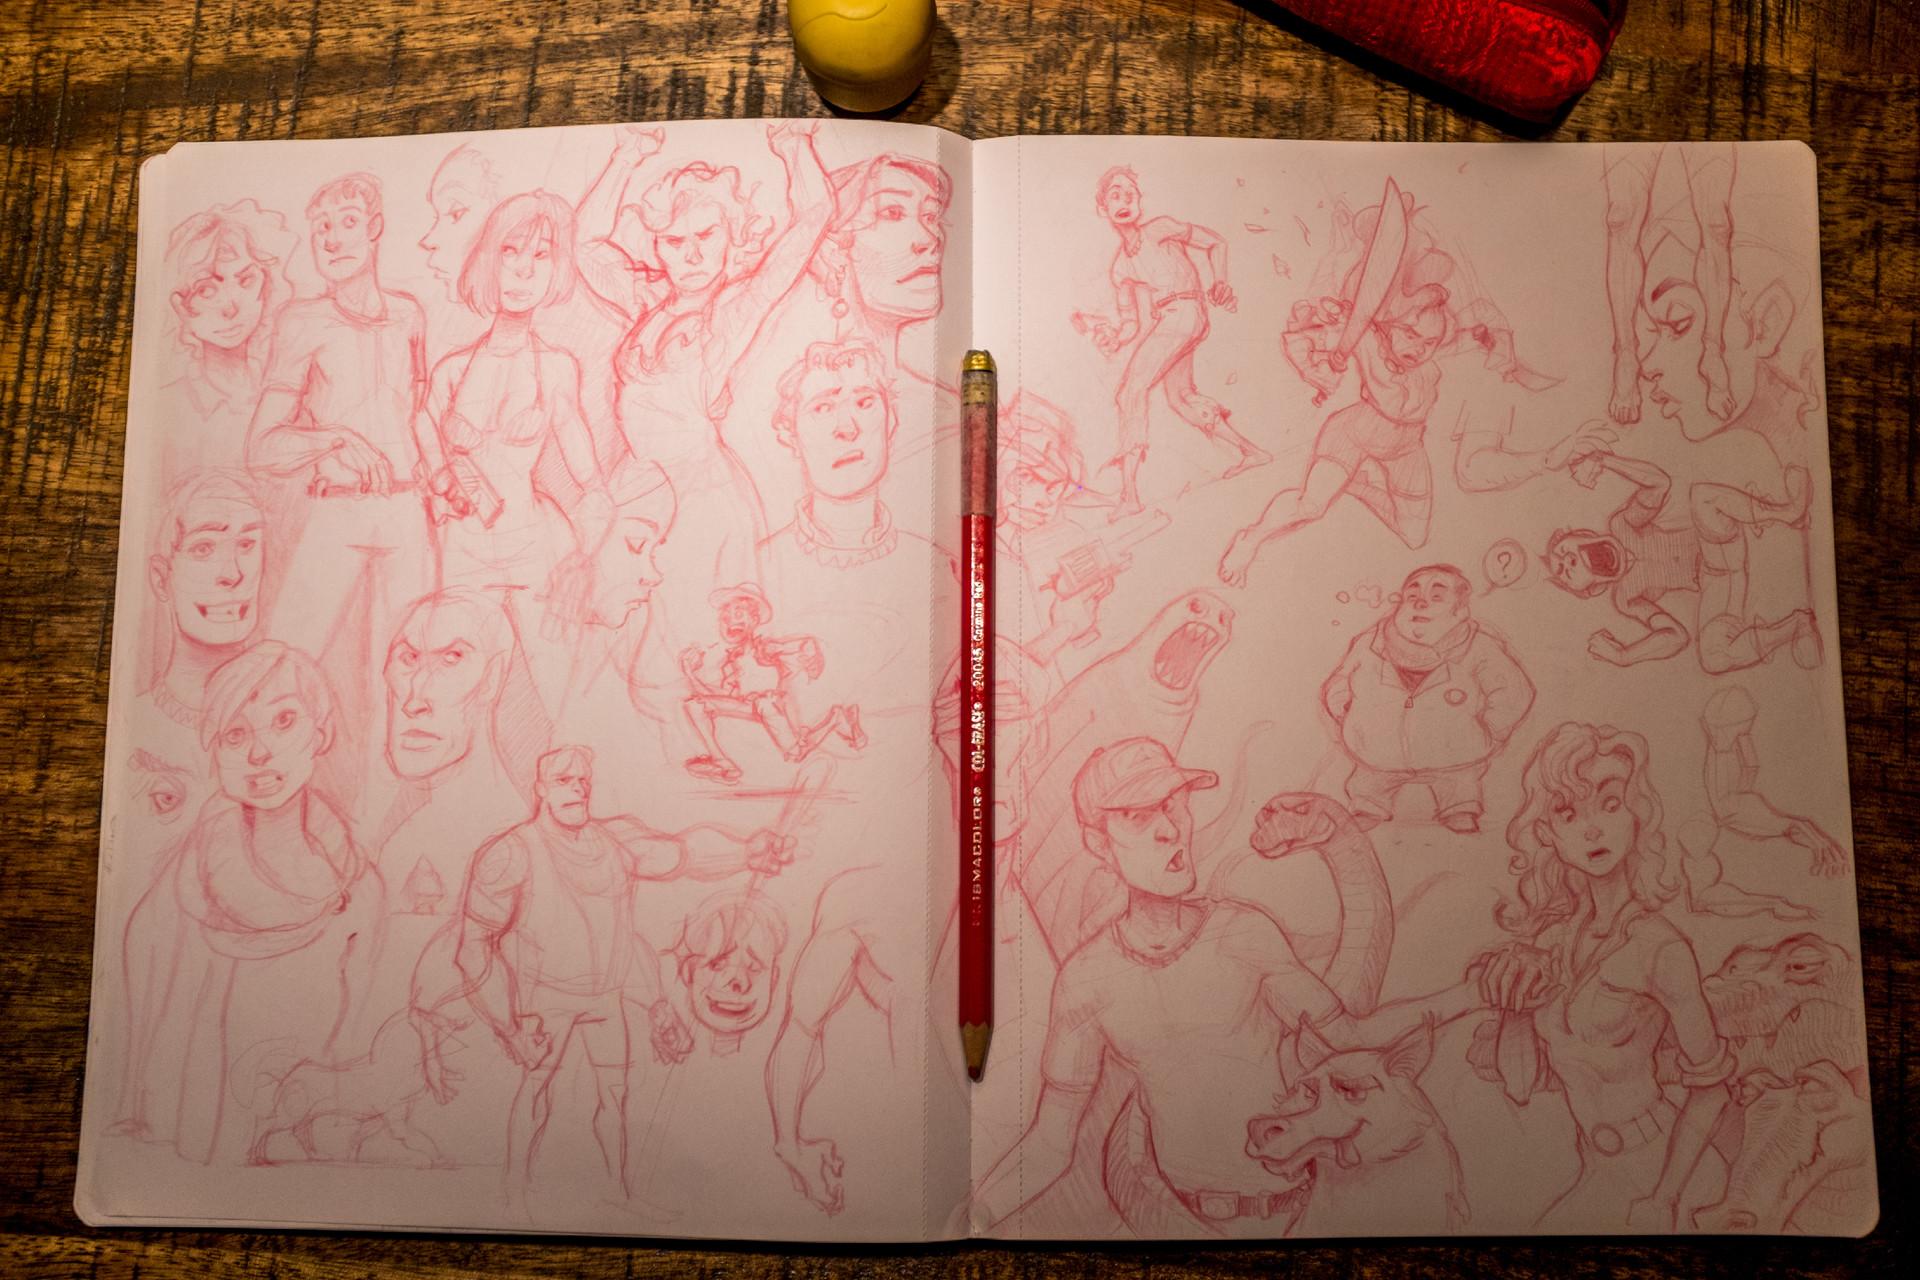 Vincent derozier vincent derozier drawings 10